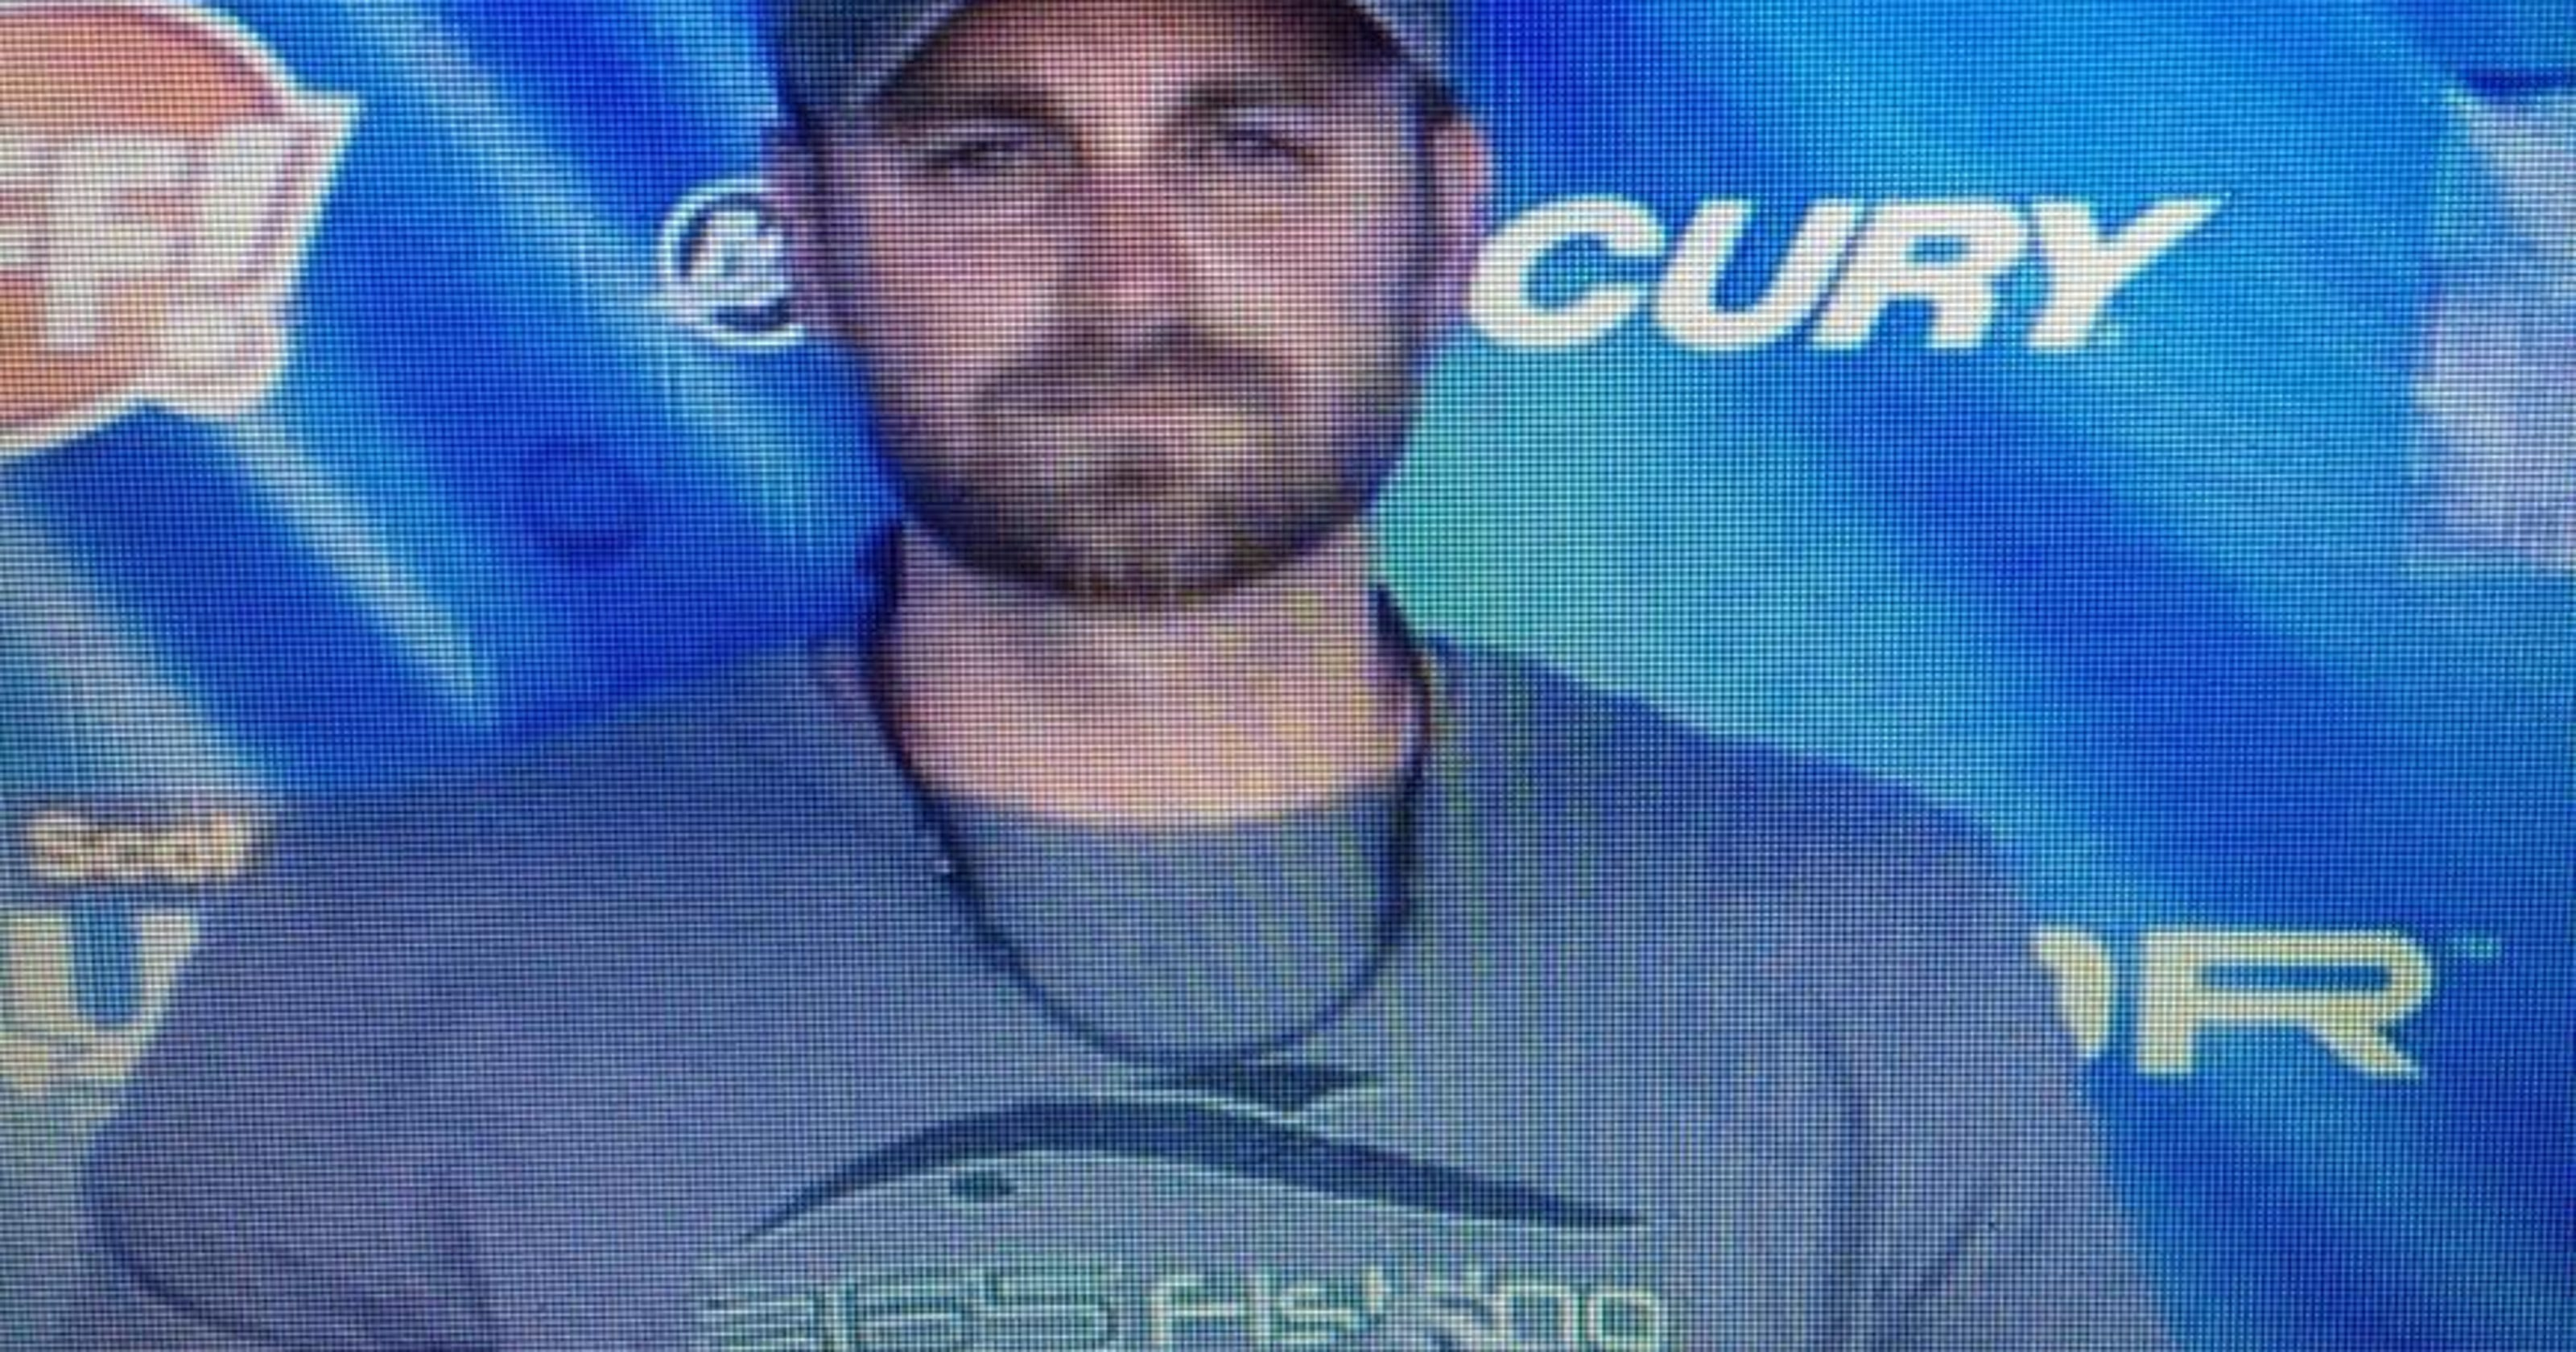 FWC releases findings on death of Nik Kayler